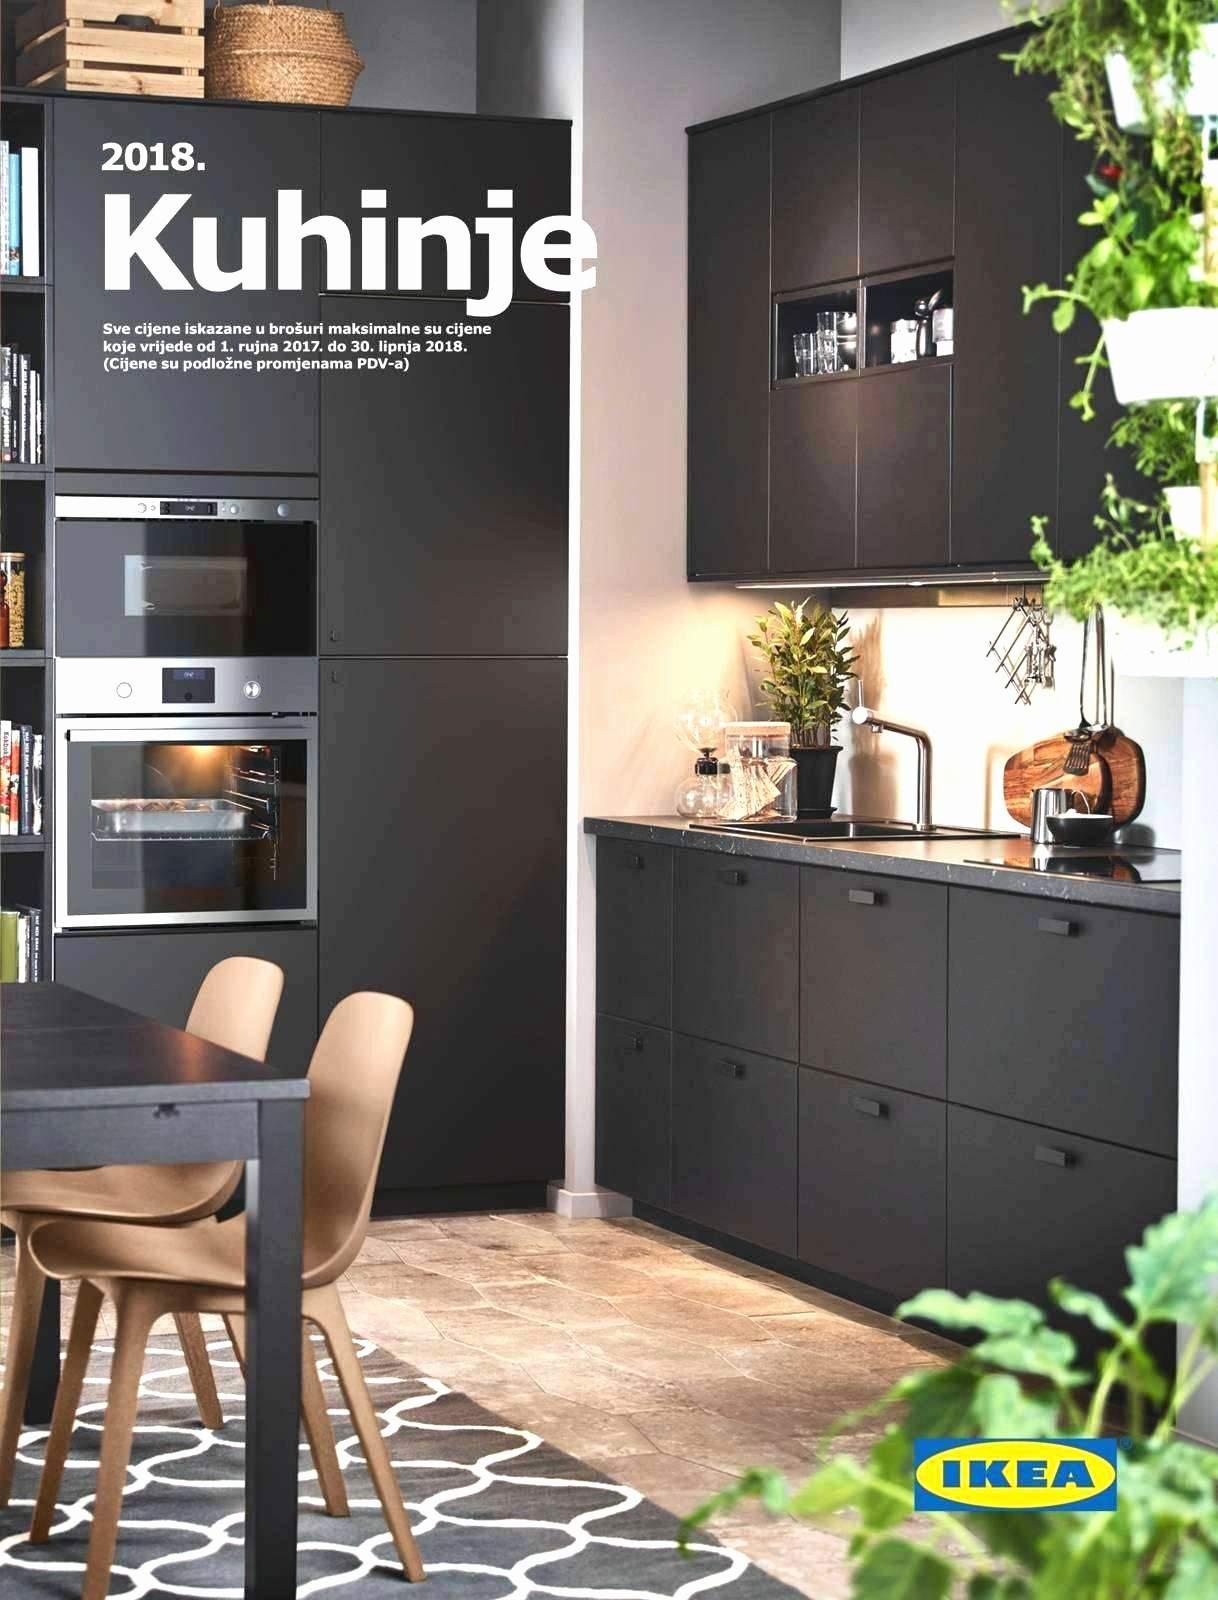 verblendsteine wohnzimmer inspirierend 30 neu wohnzimmer industrial style of verblendsteine wohnzimmer